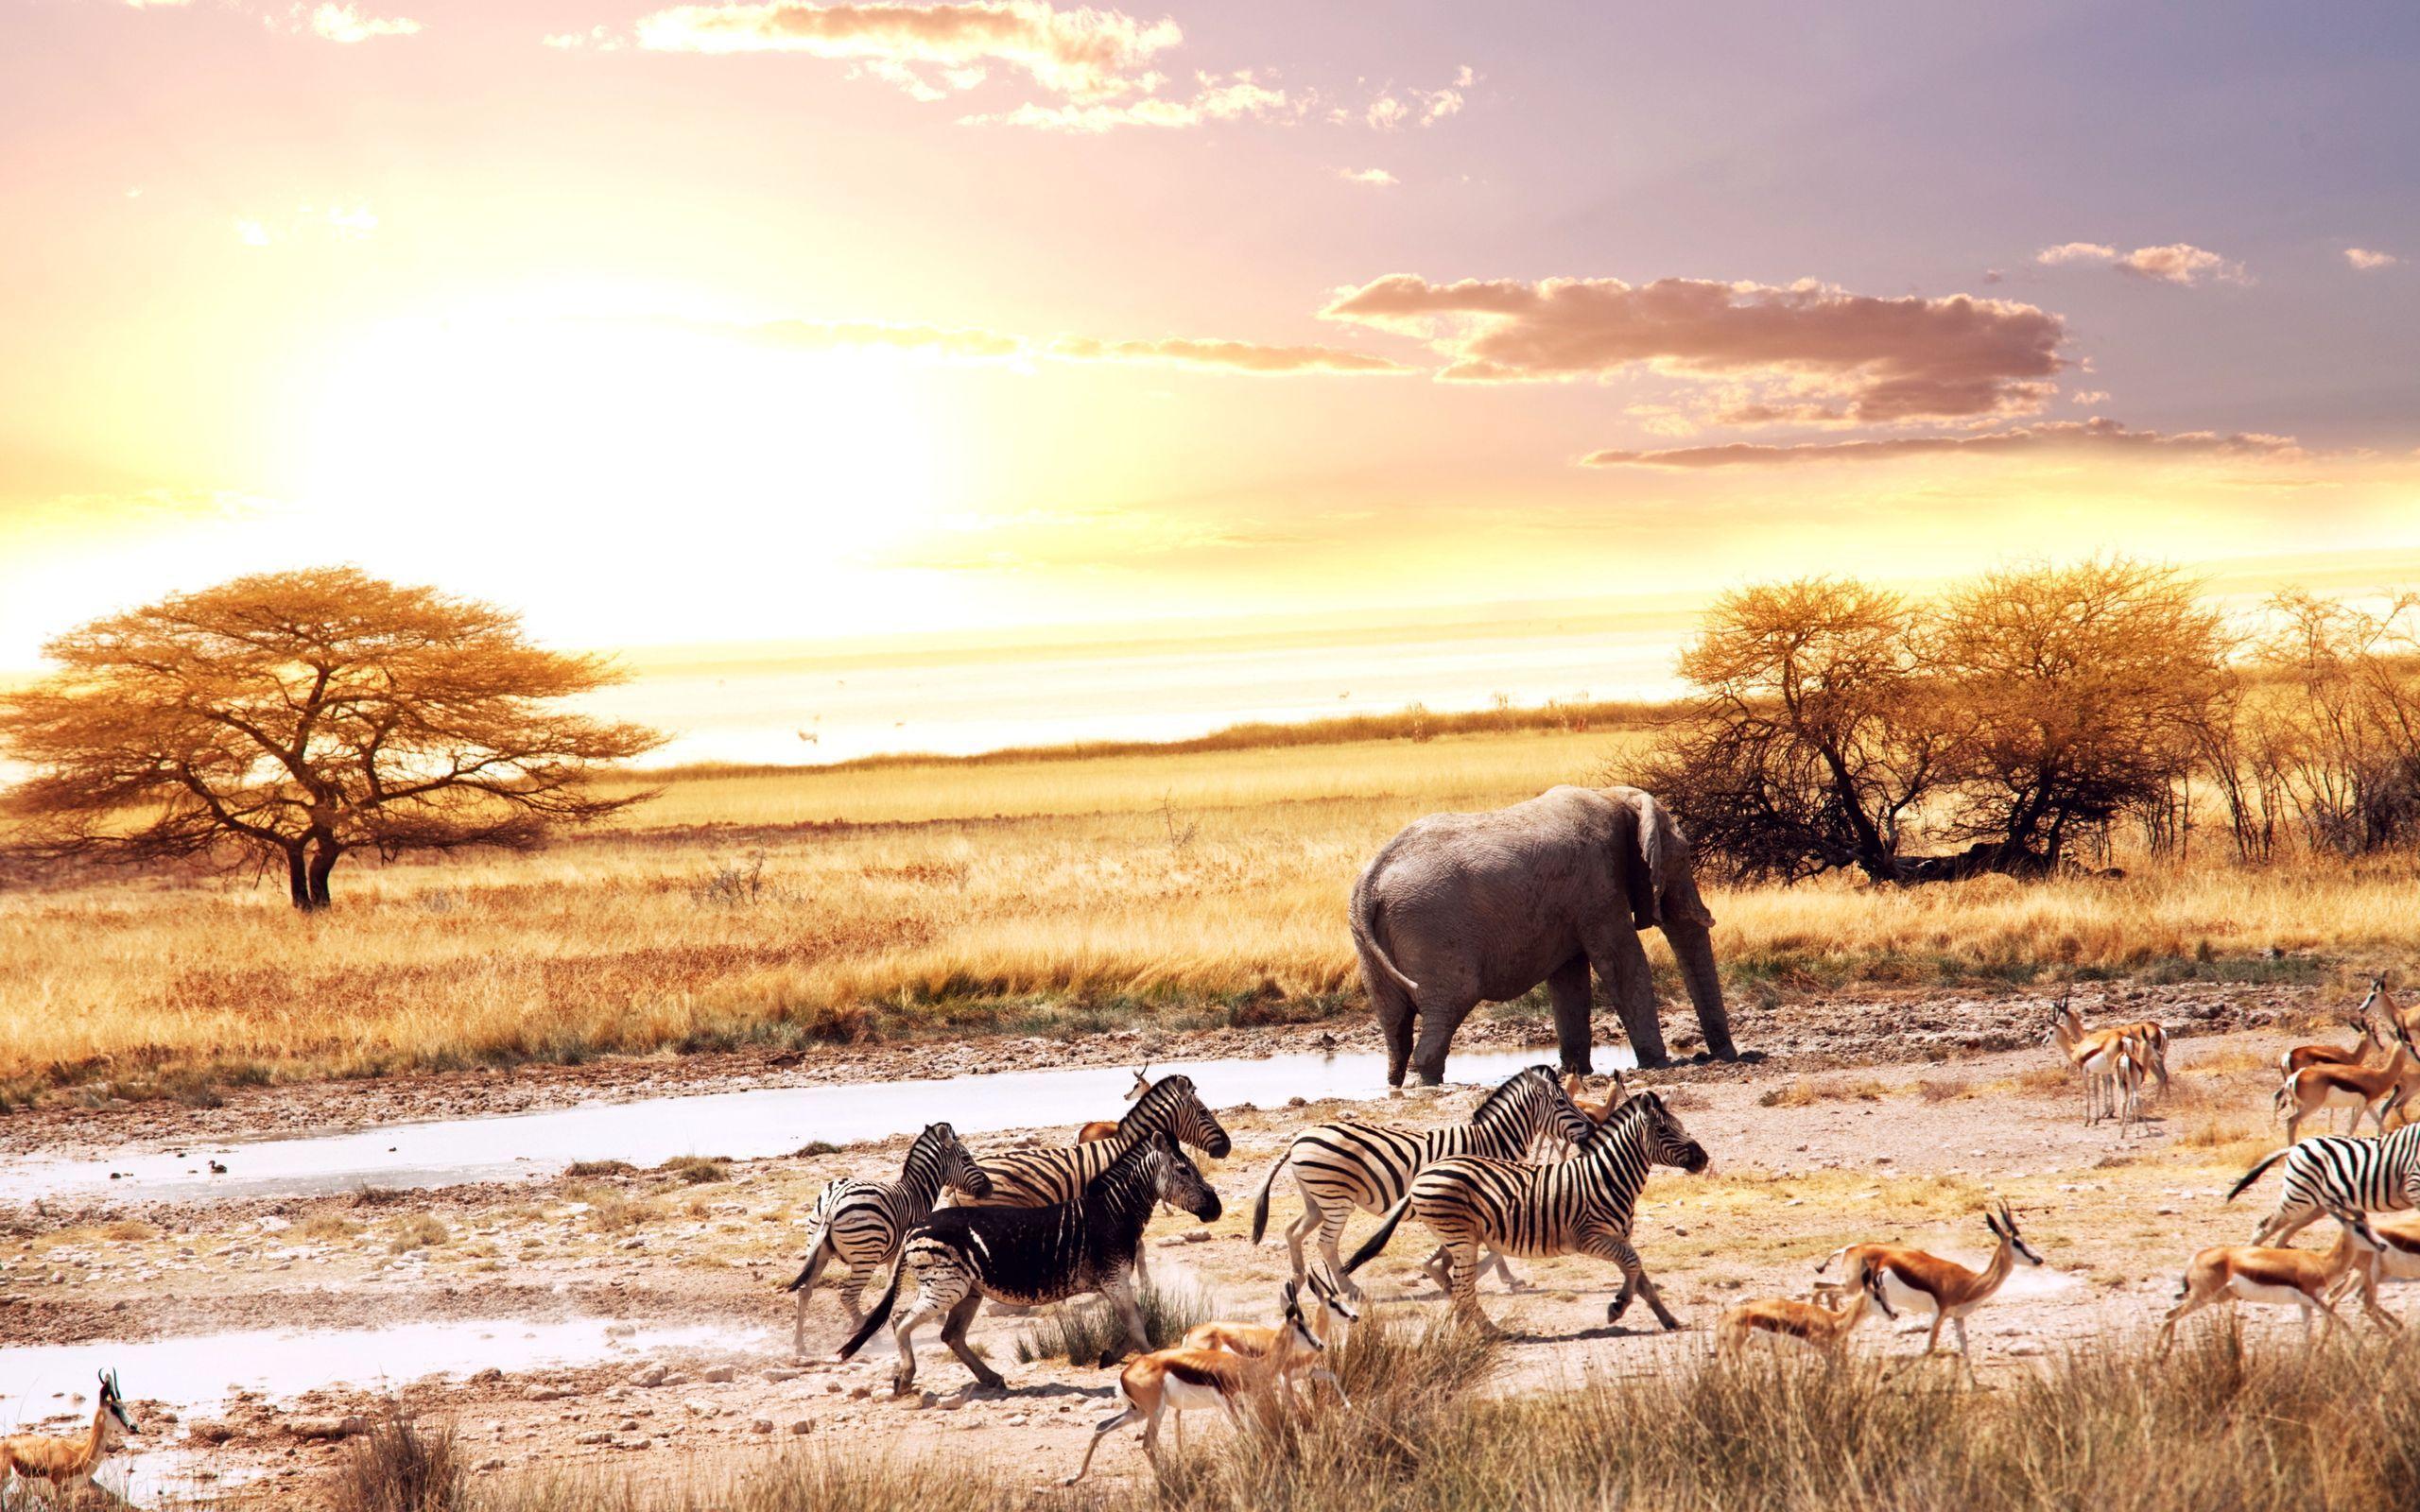 Africa Wallpapers Wallpaper (с изображениями) | Животные, Слоны, Обои зебра